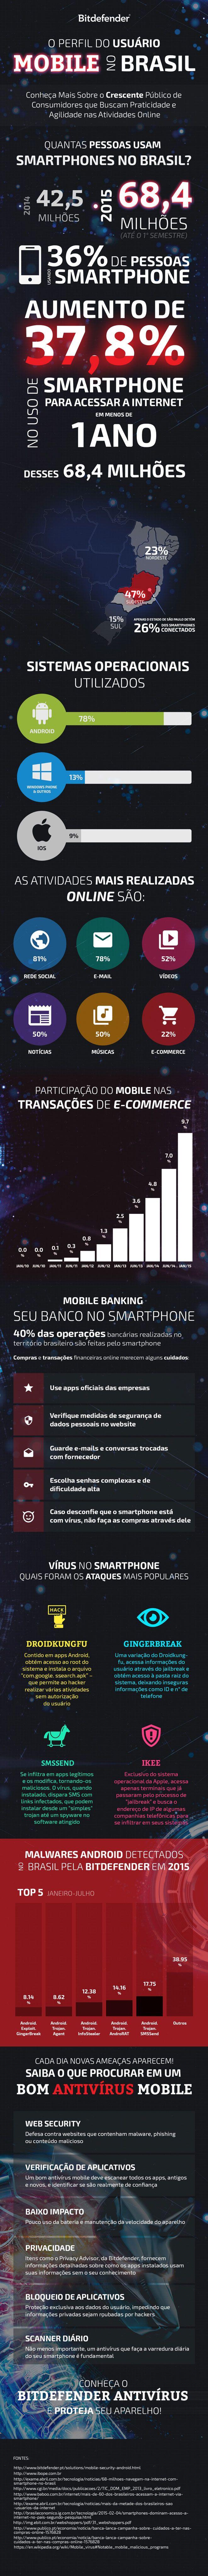 Perfil do utilizador mobile no Brasil